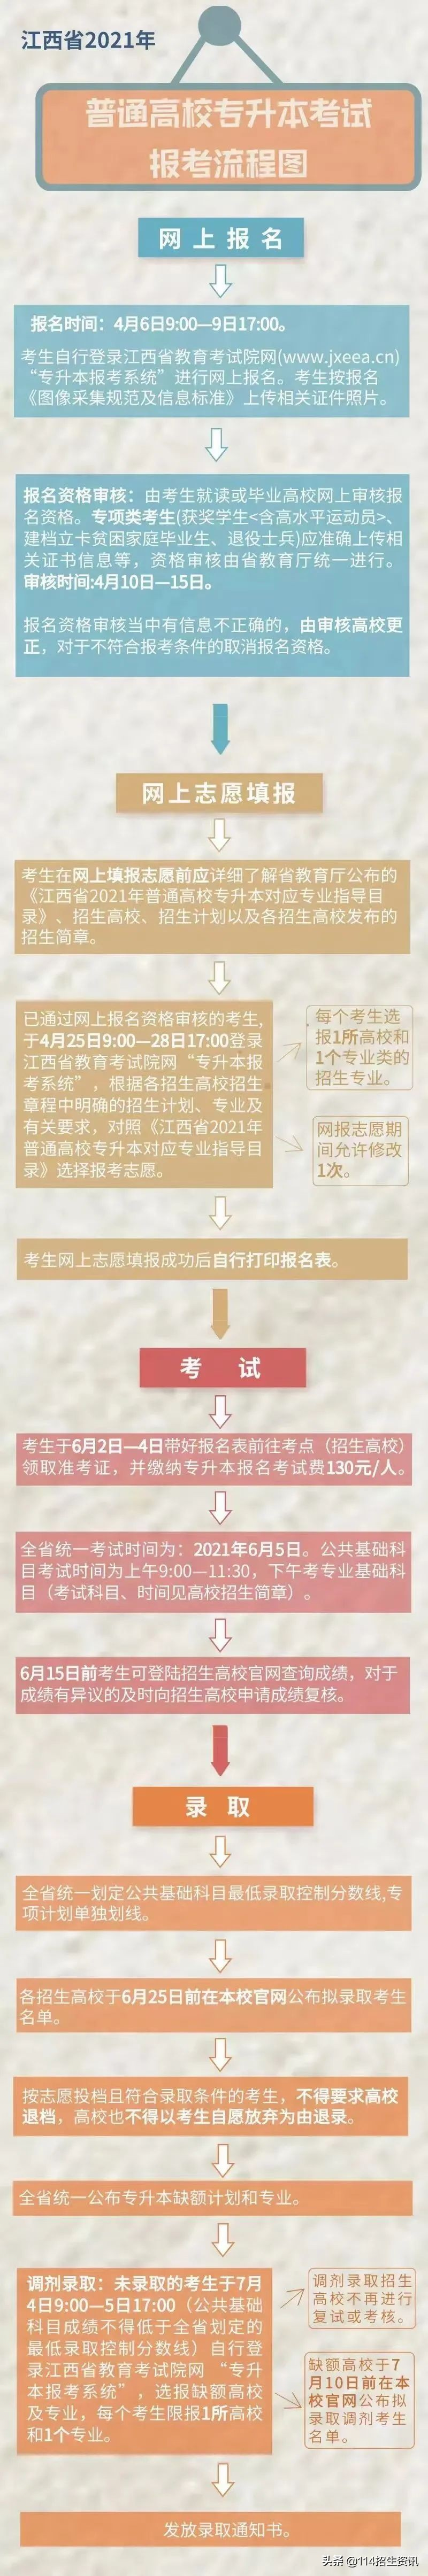 九江职业大学与华东交通大学开展联合培养专升本啦